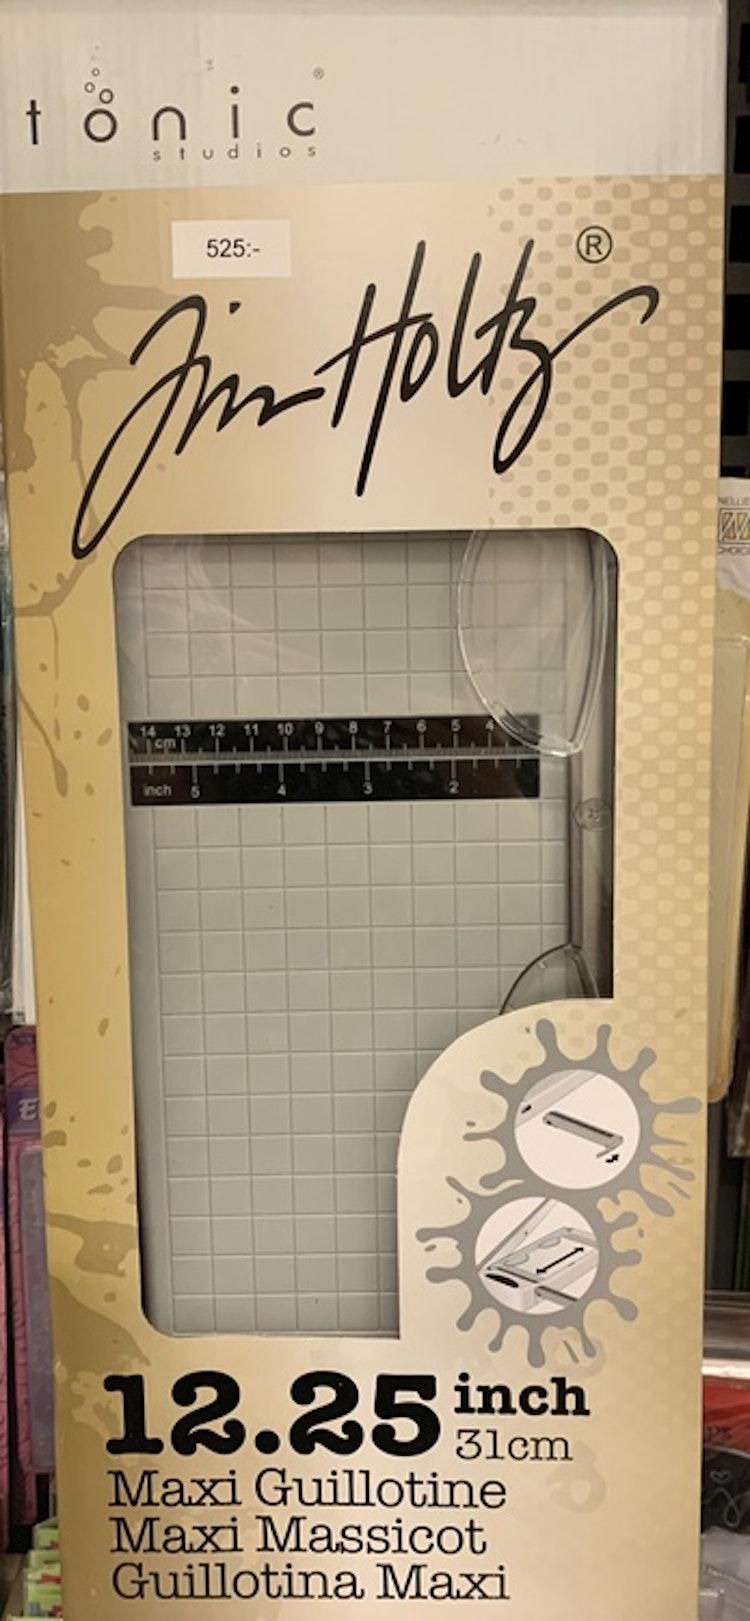 Maxi Guillotine 12,25 inch 31 cm, finns endast i butik, skickas ej.